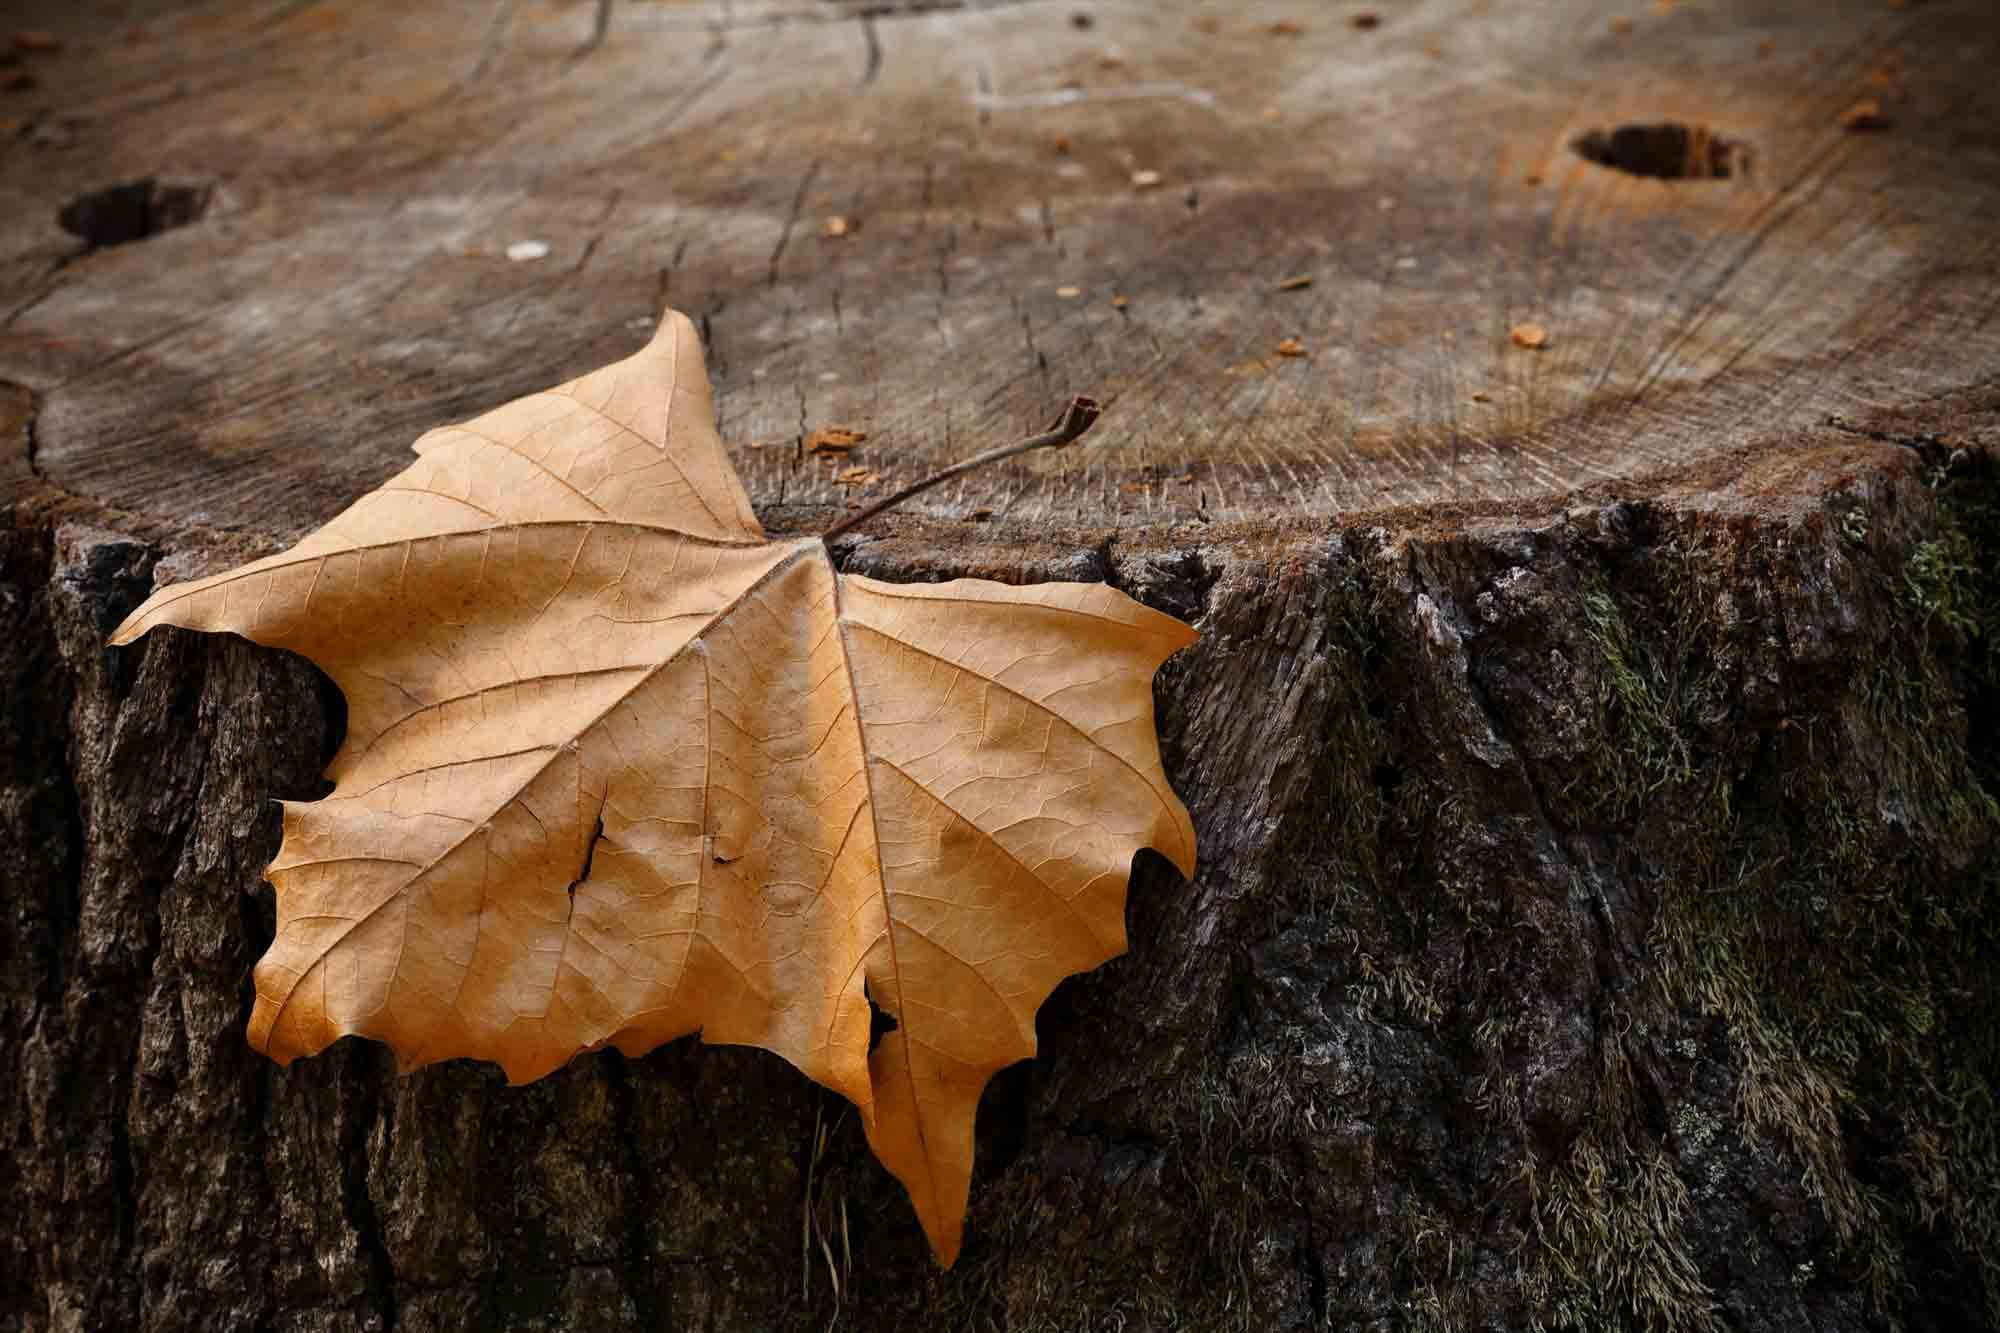 Crisp Orange Maple Leaf on Tree Stump